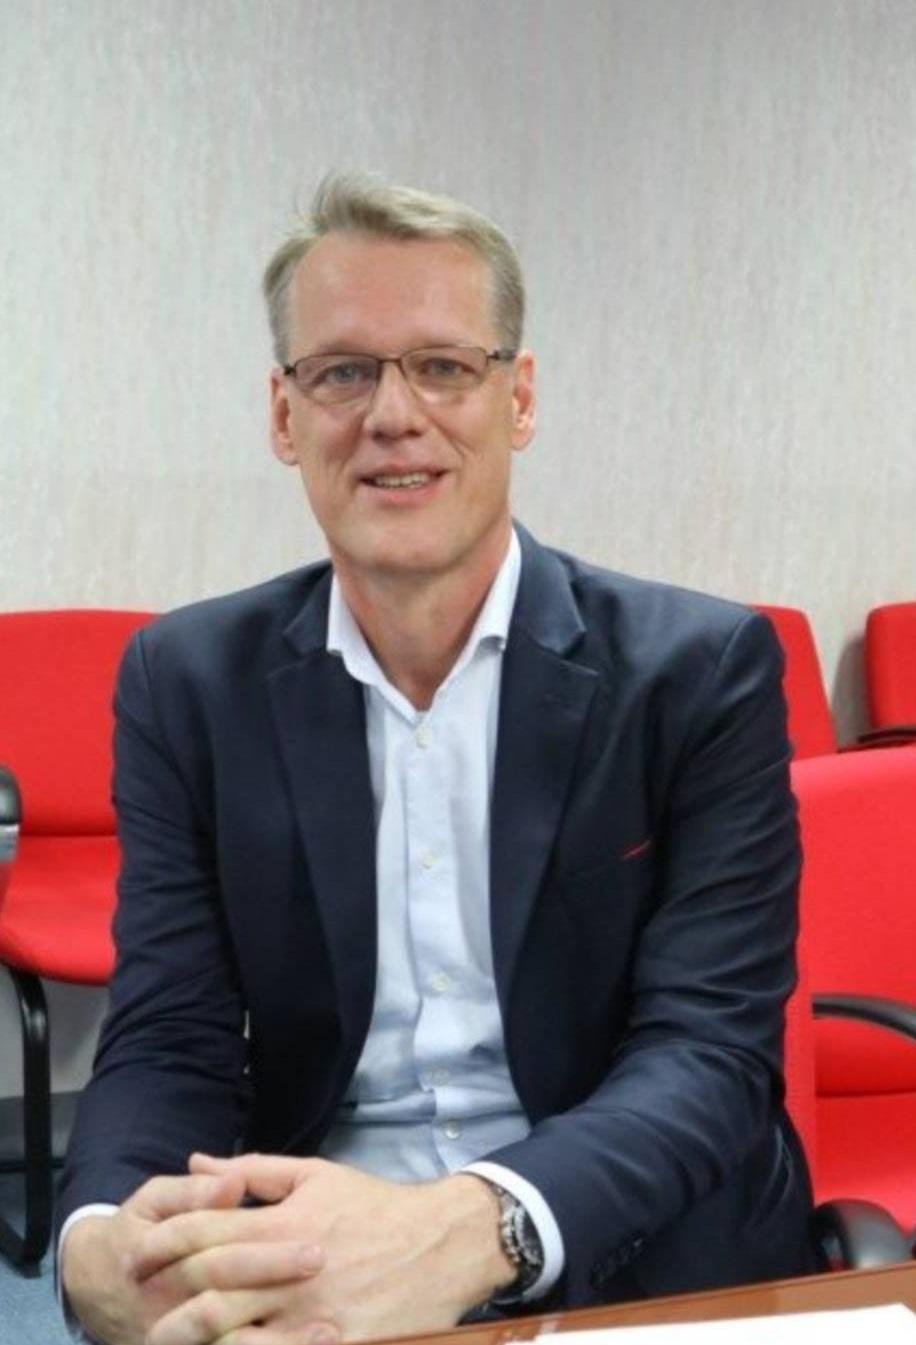 Michel Rosmolen